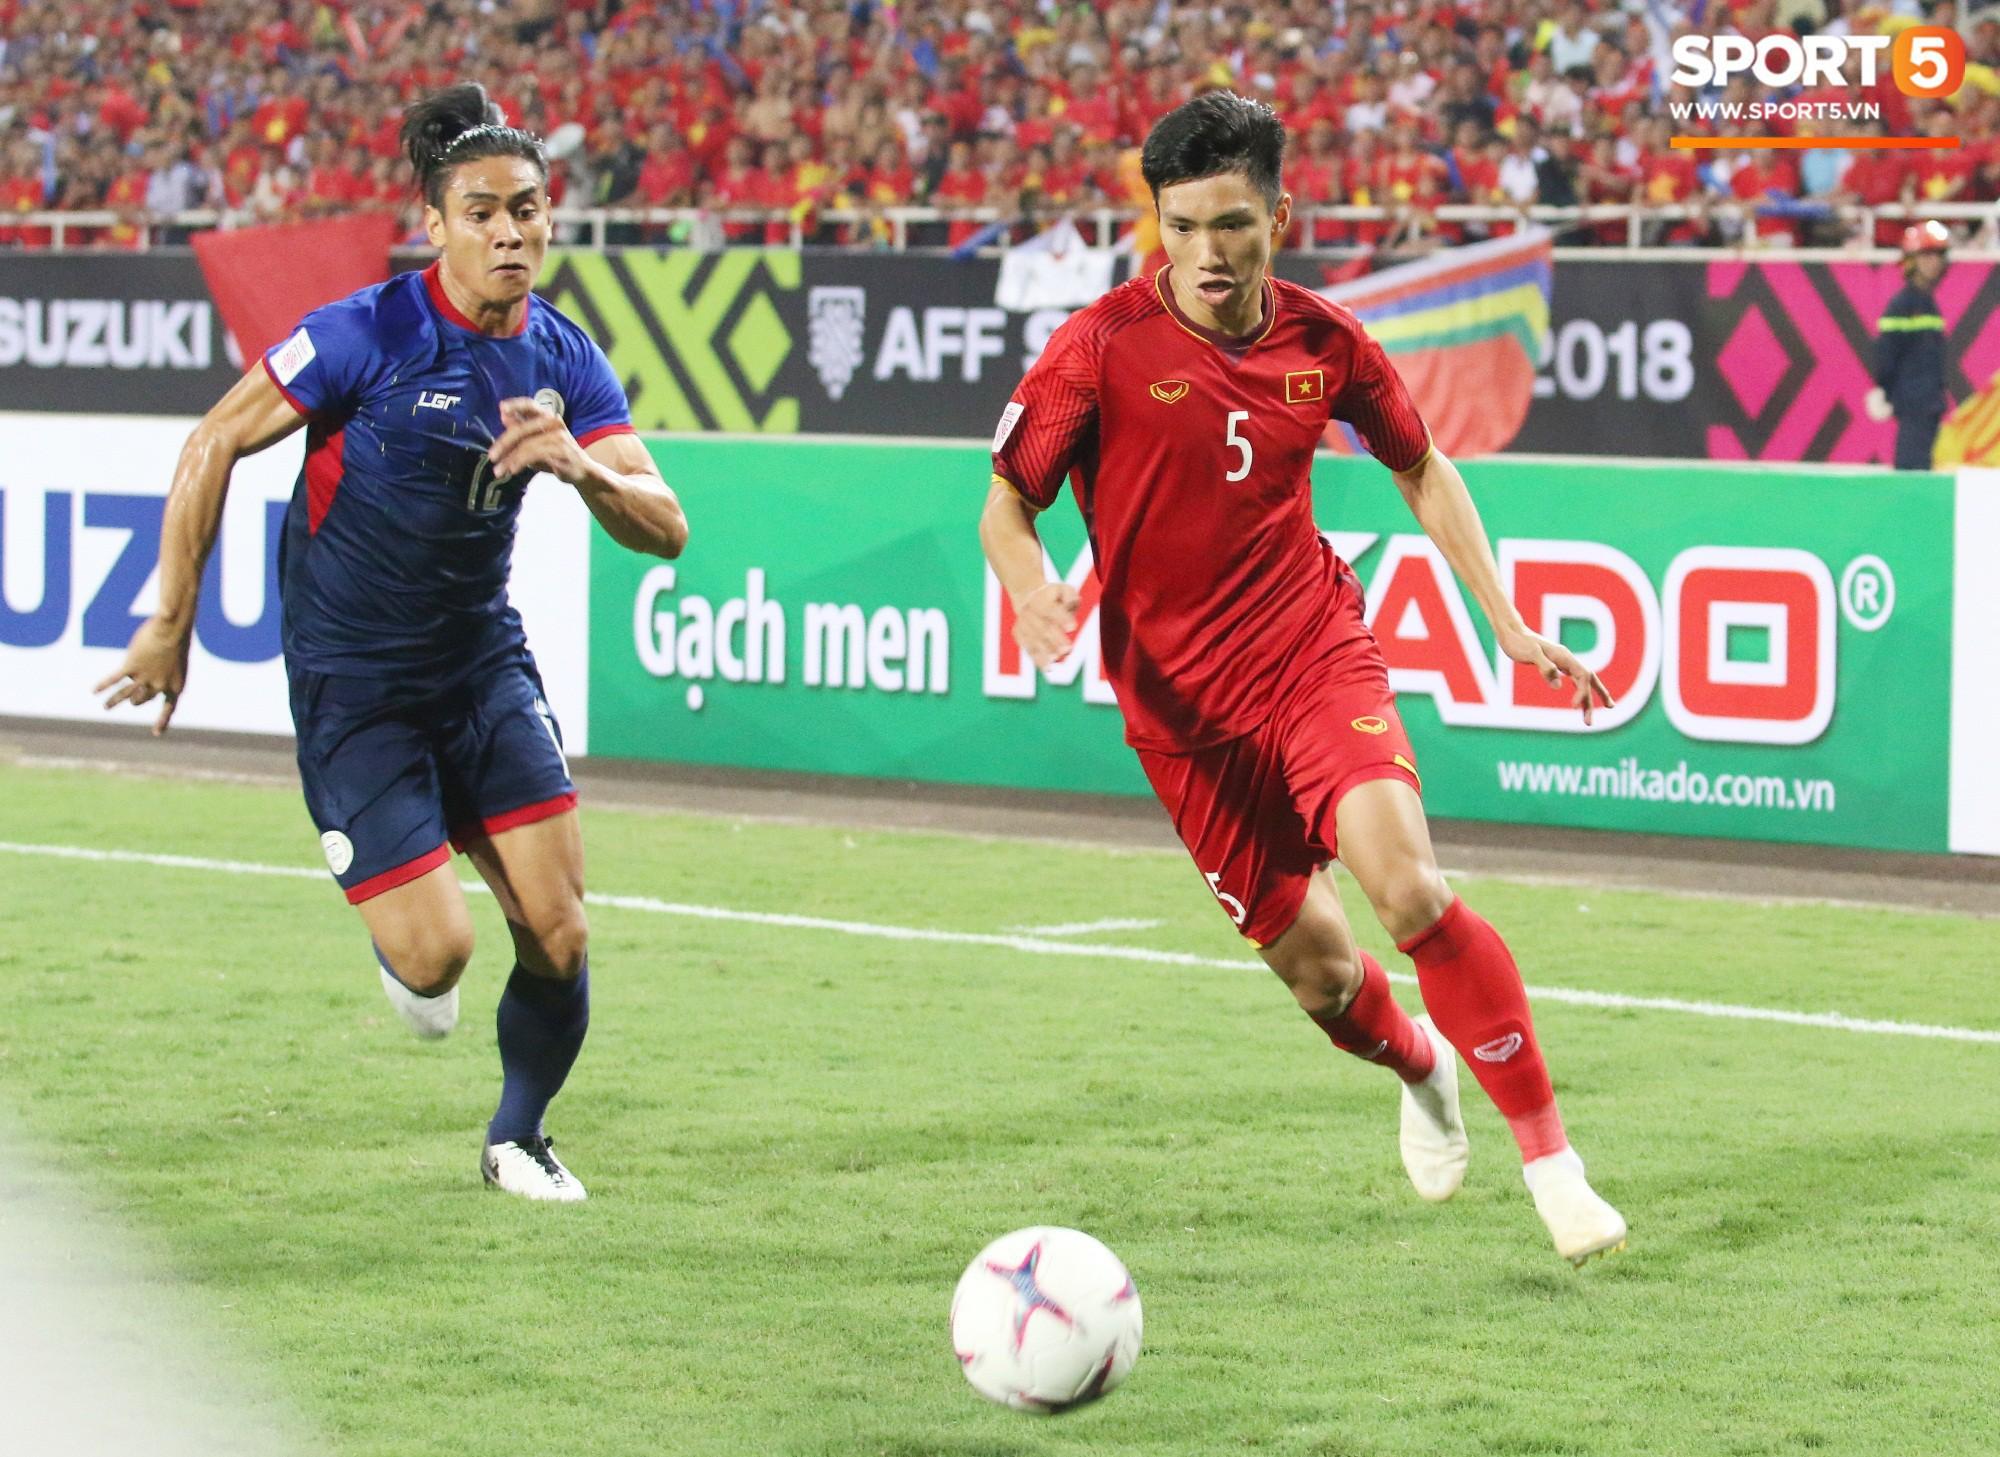 Lý giải bất ngờ của mẹ Văn Hậu về bức ảnh nhìn như thôi miên cậu con trai tại AFF Cup 2018 - Ảnh 6.